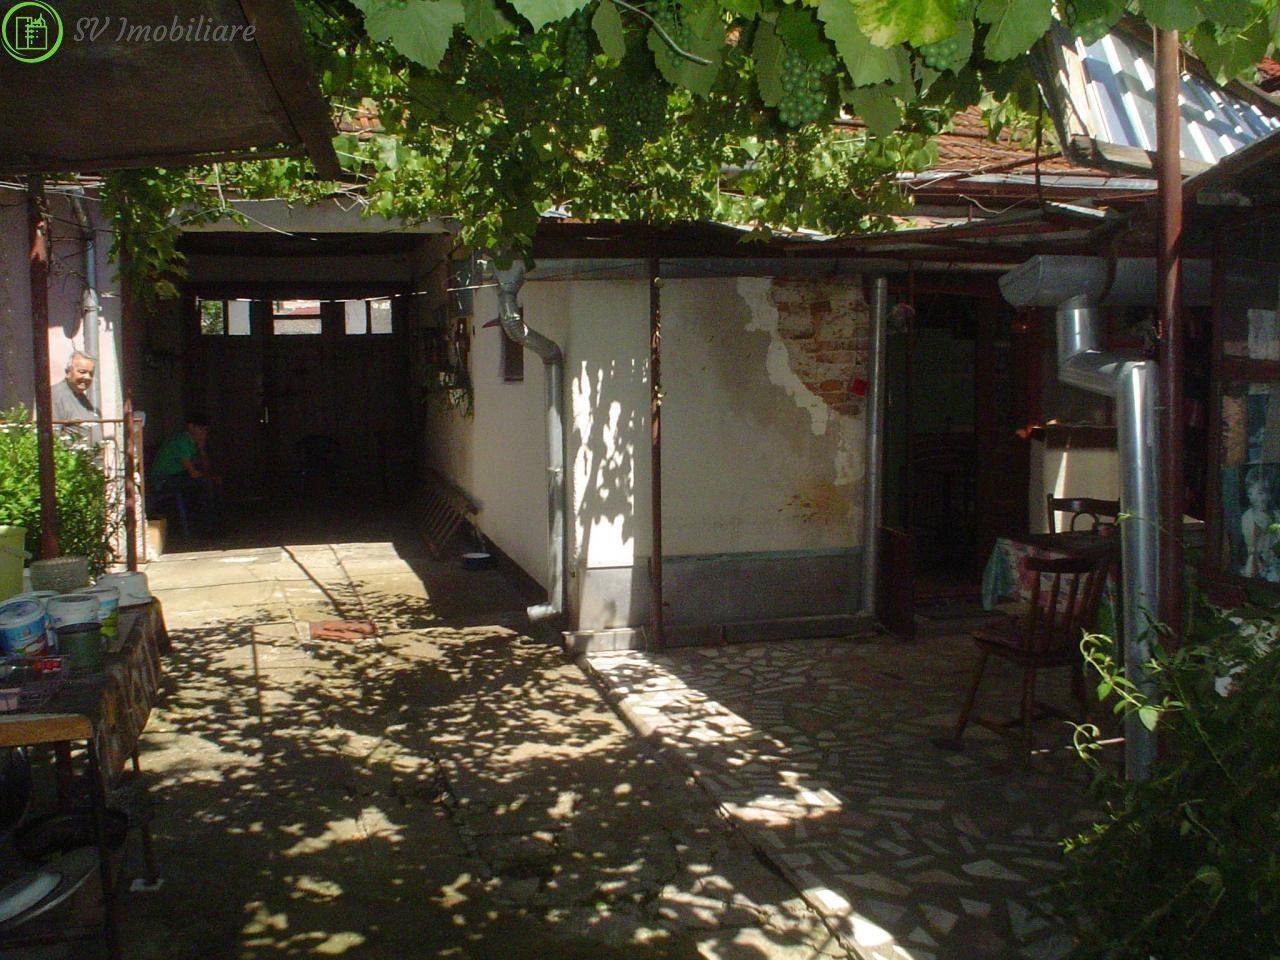 Casa de vanzare, Caraș-Severin (judet), Caransebeş - Foto 5